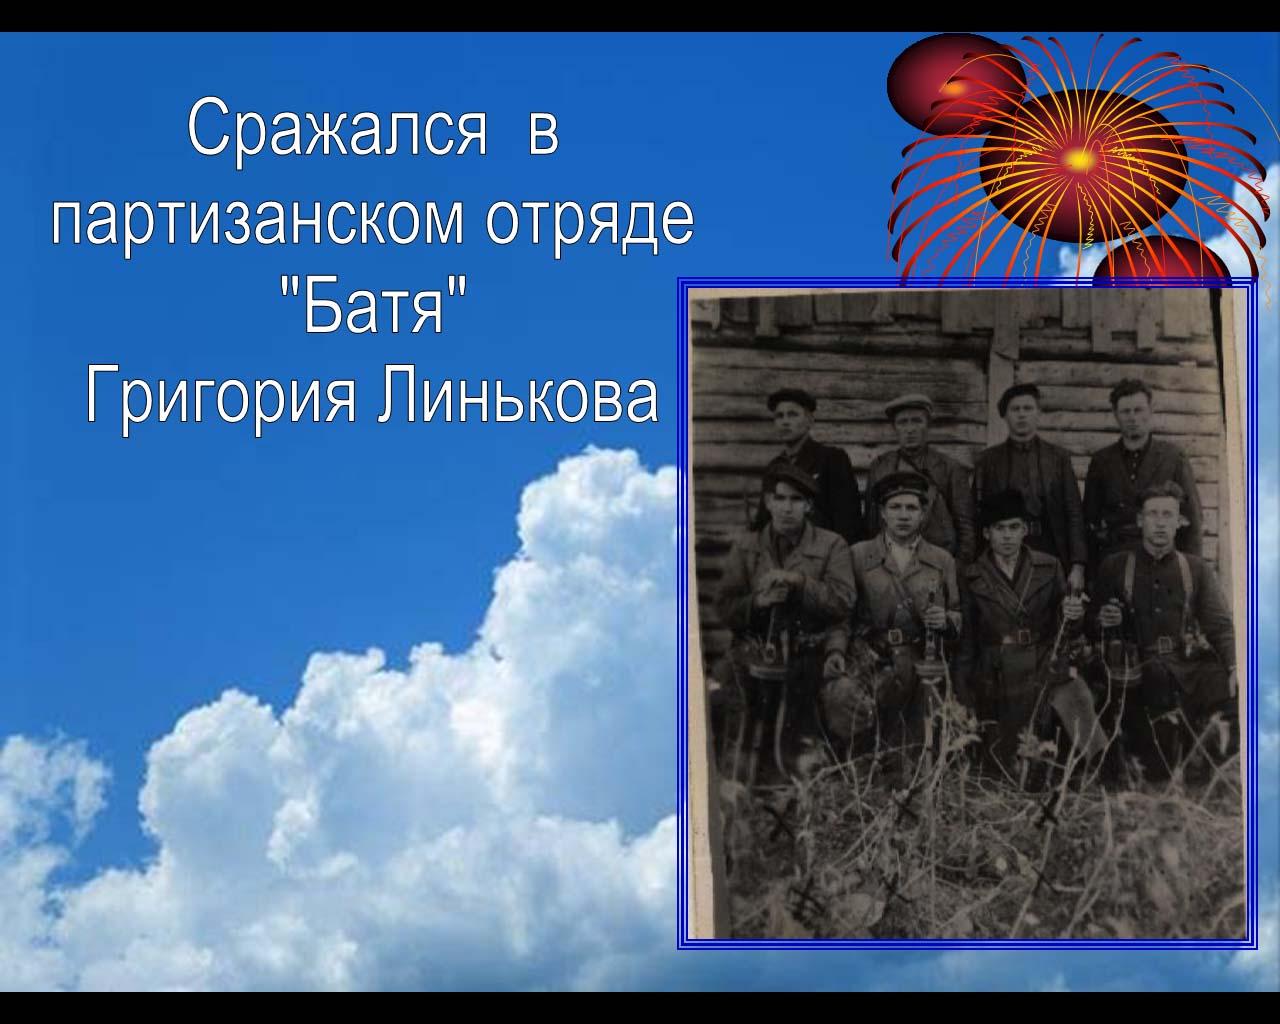 kuz_08